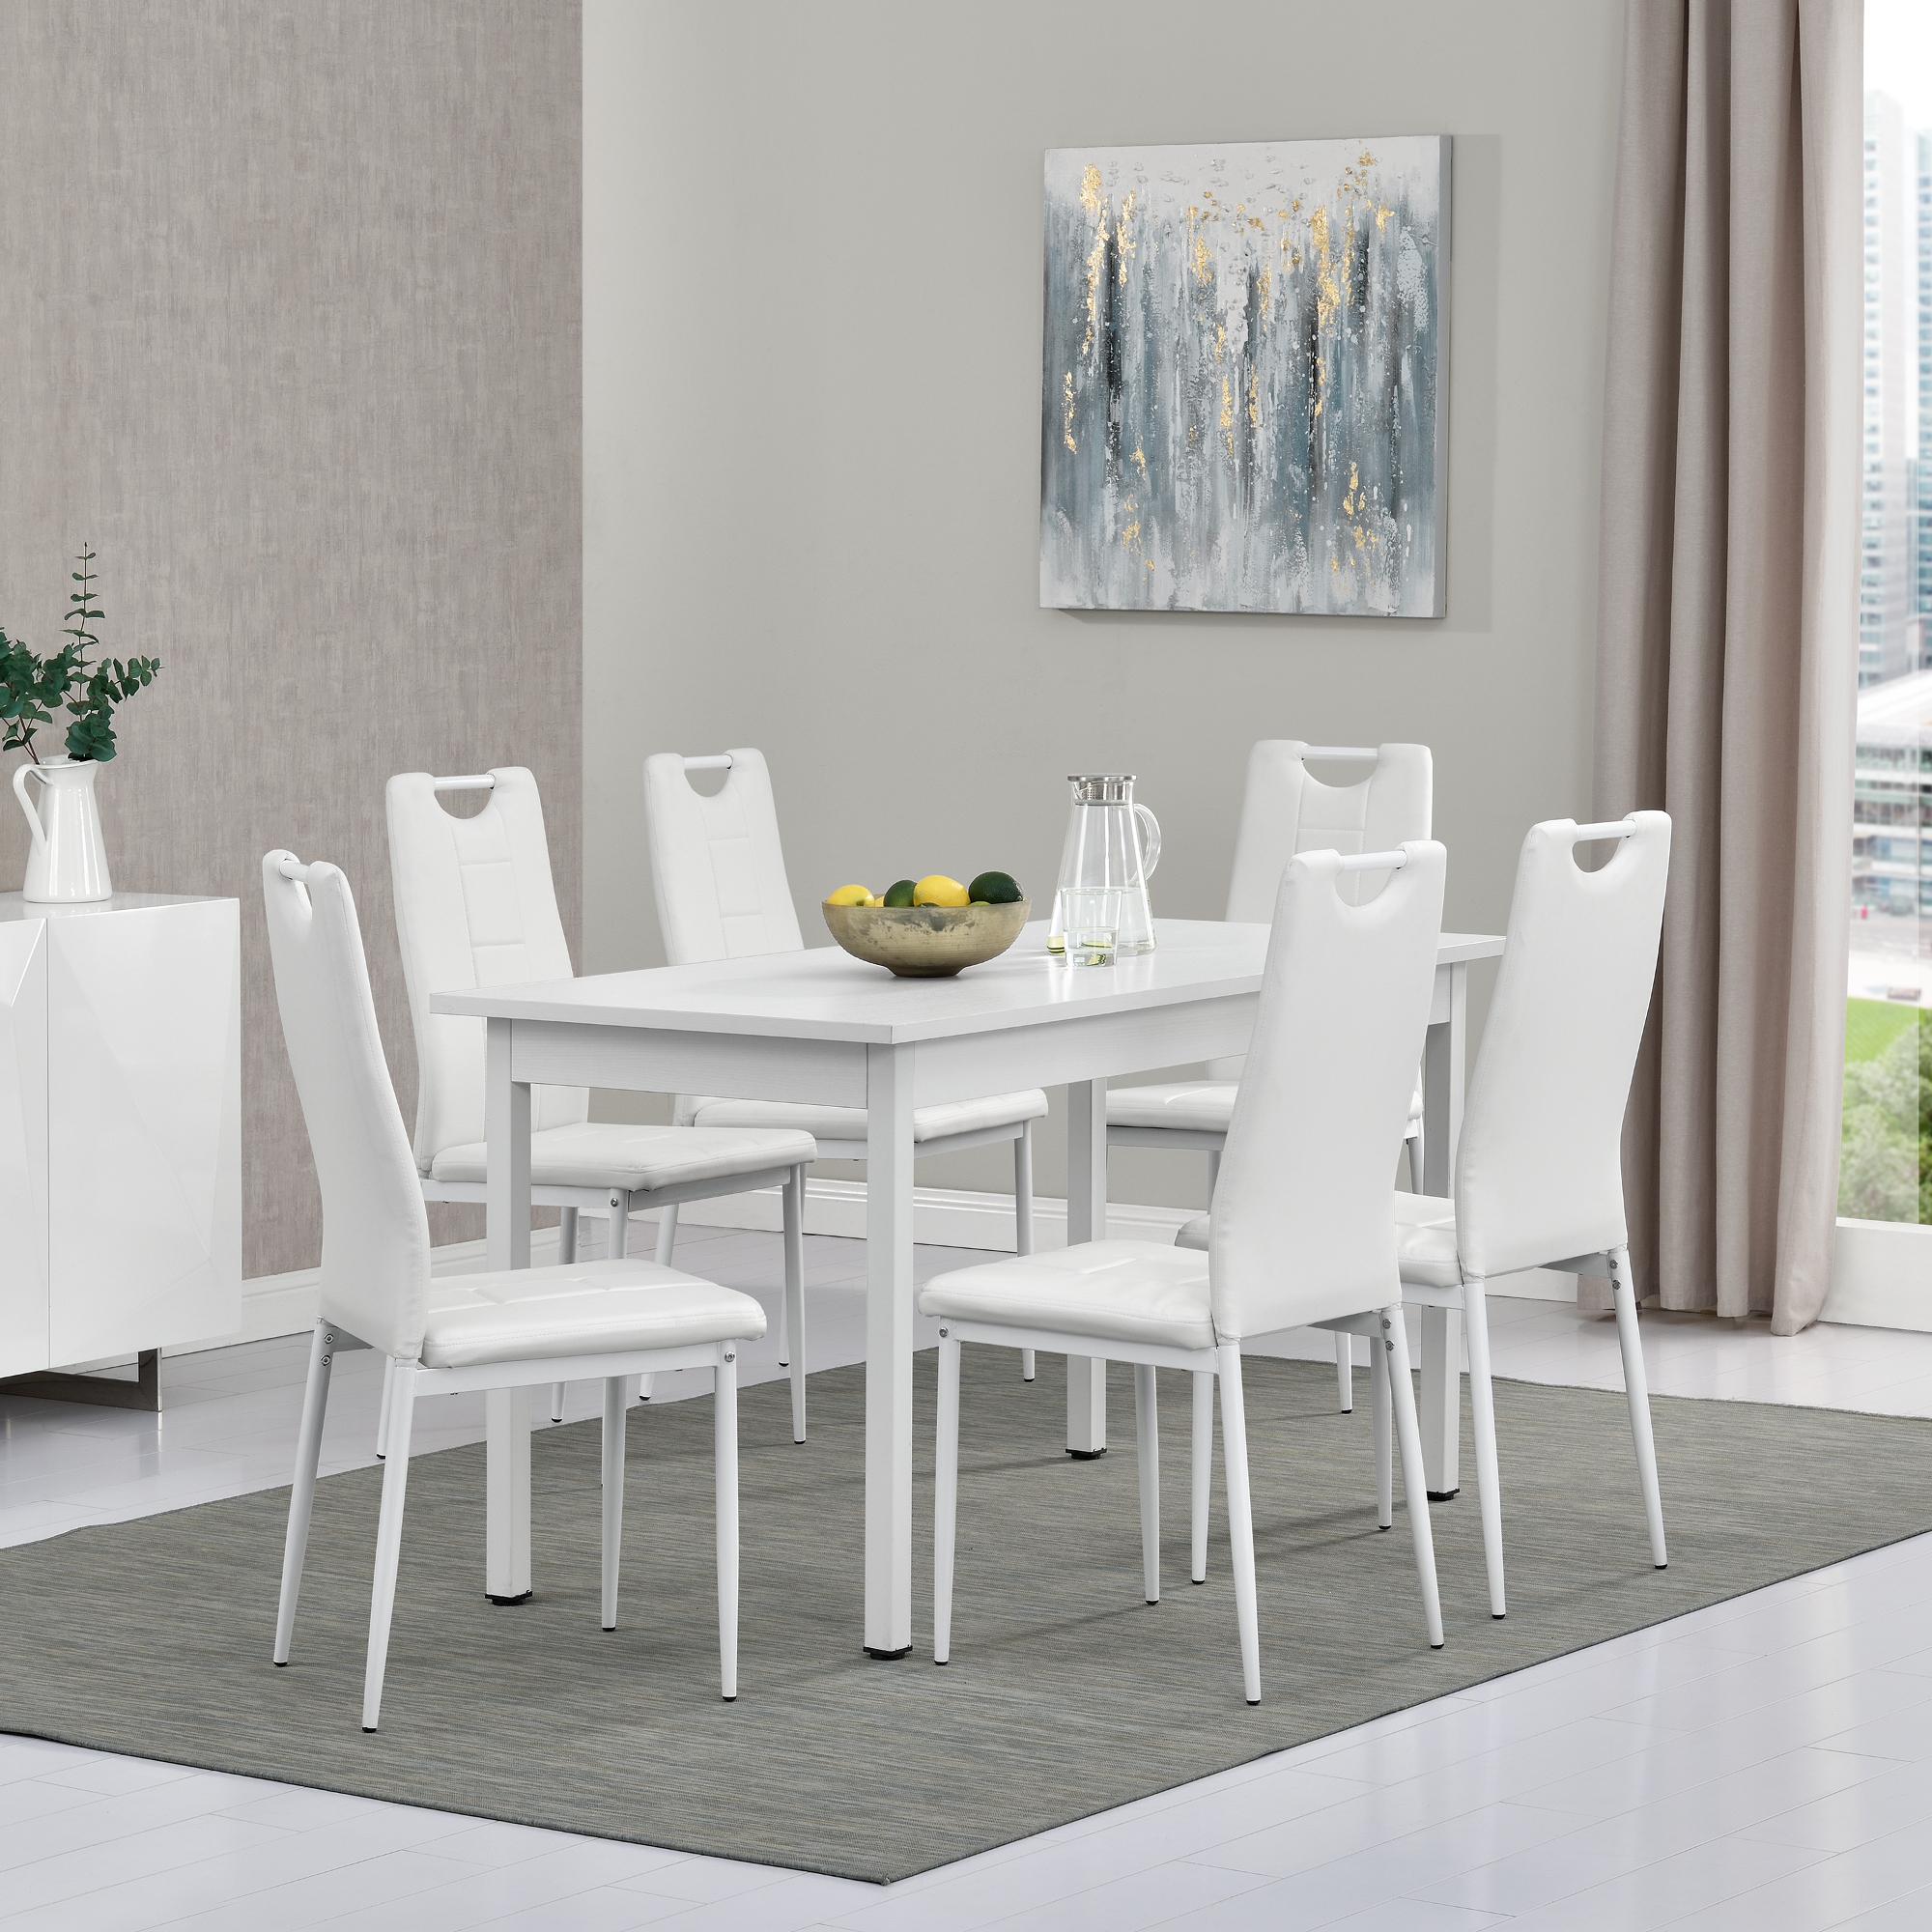 esstisch mit 6 st hlen wei 140x60cm k chentisch stuhl mit griff ebay. Black Bedroom Furniture Sets. Home Design Ideas